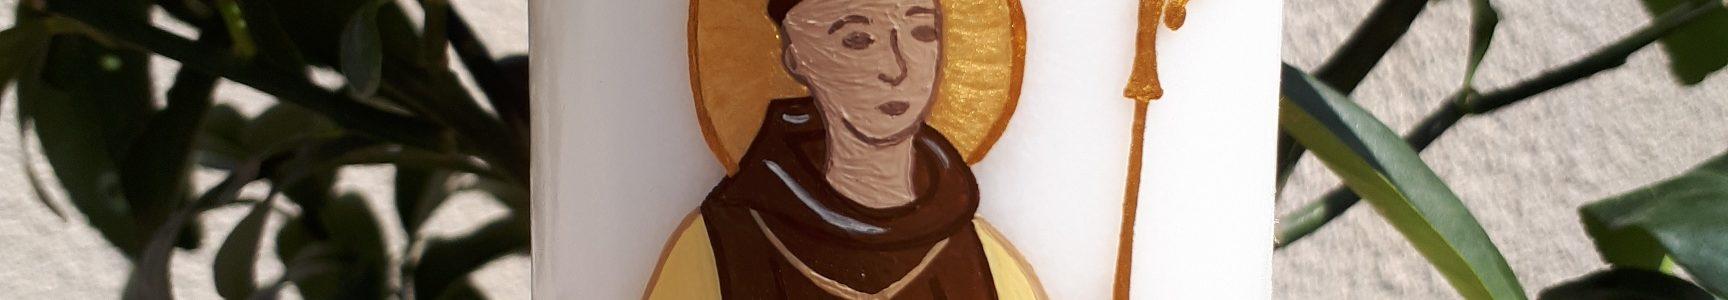 Saint Maxence (Maixent)